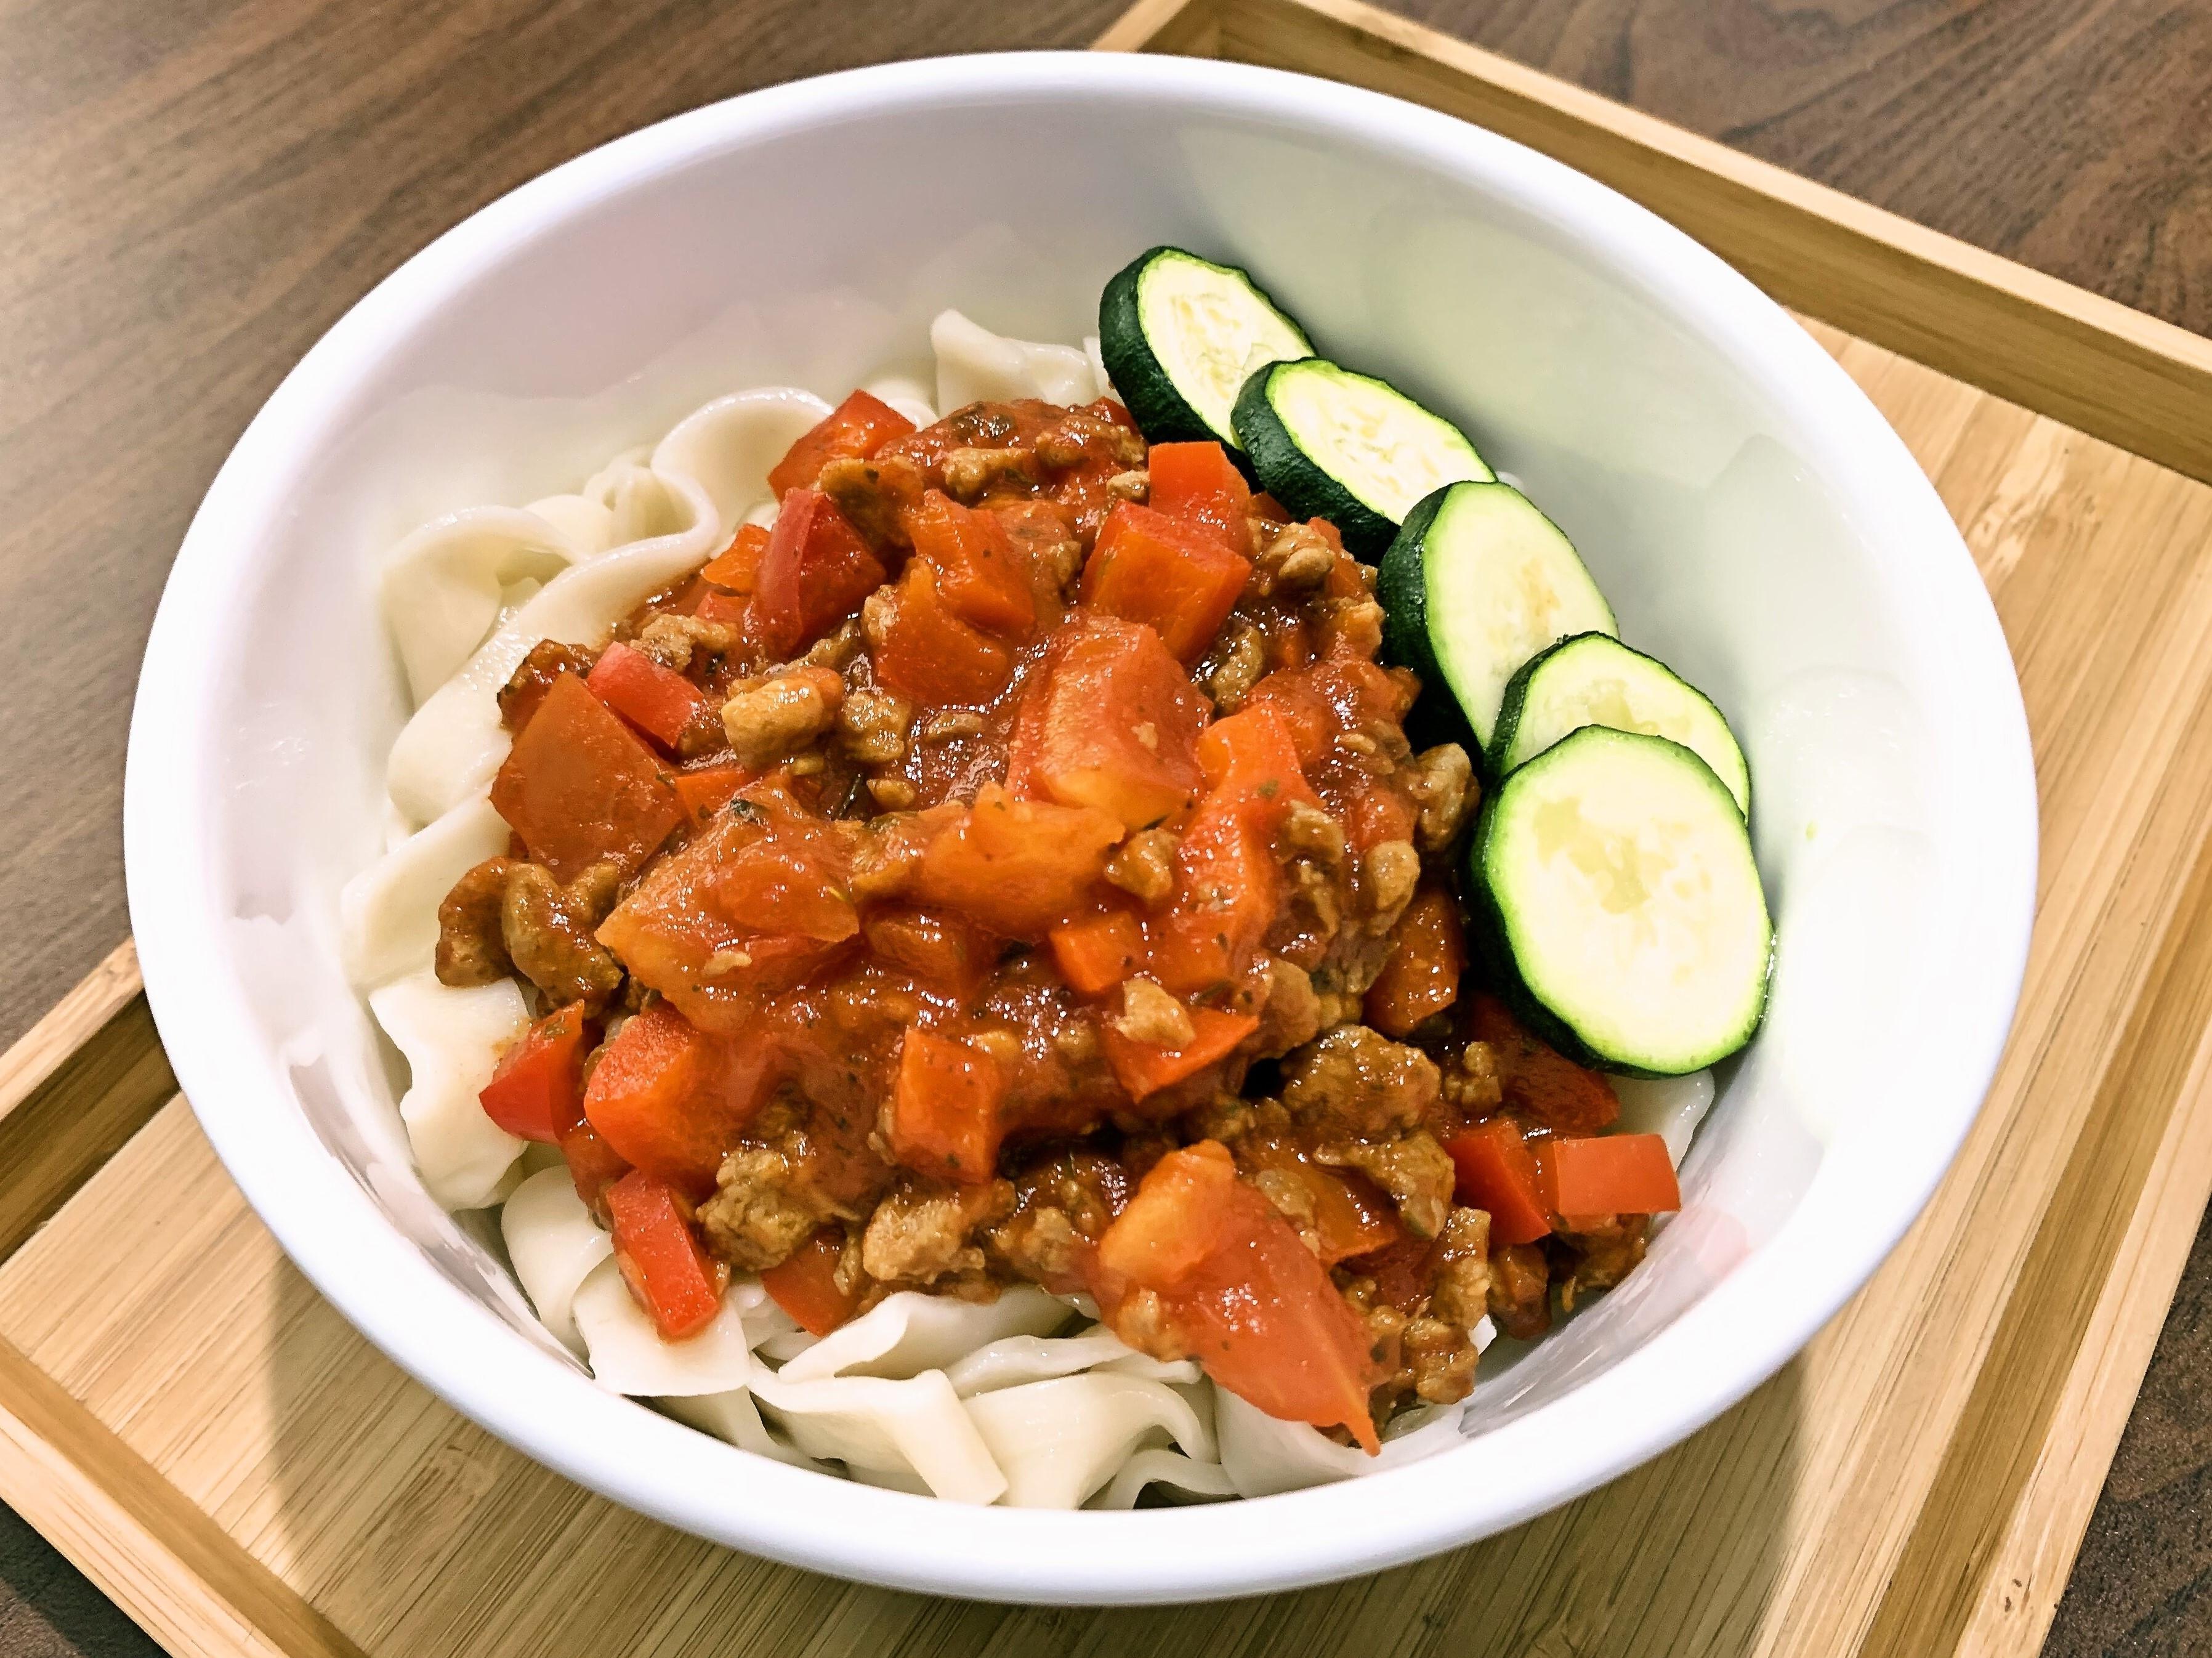 蕃茄肉醬(BEYOND MEAT植物肉)